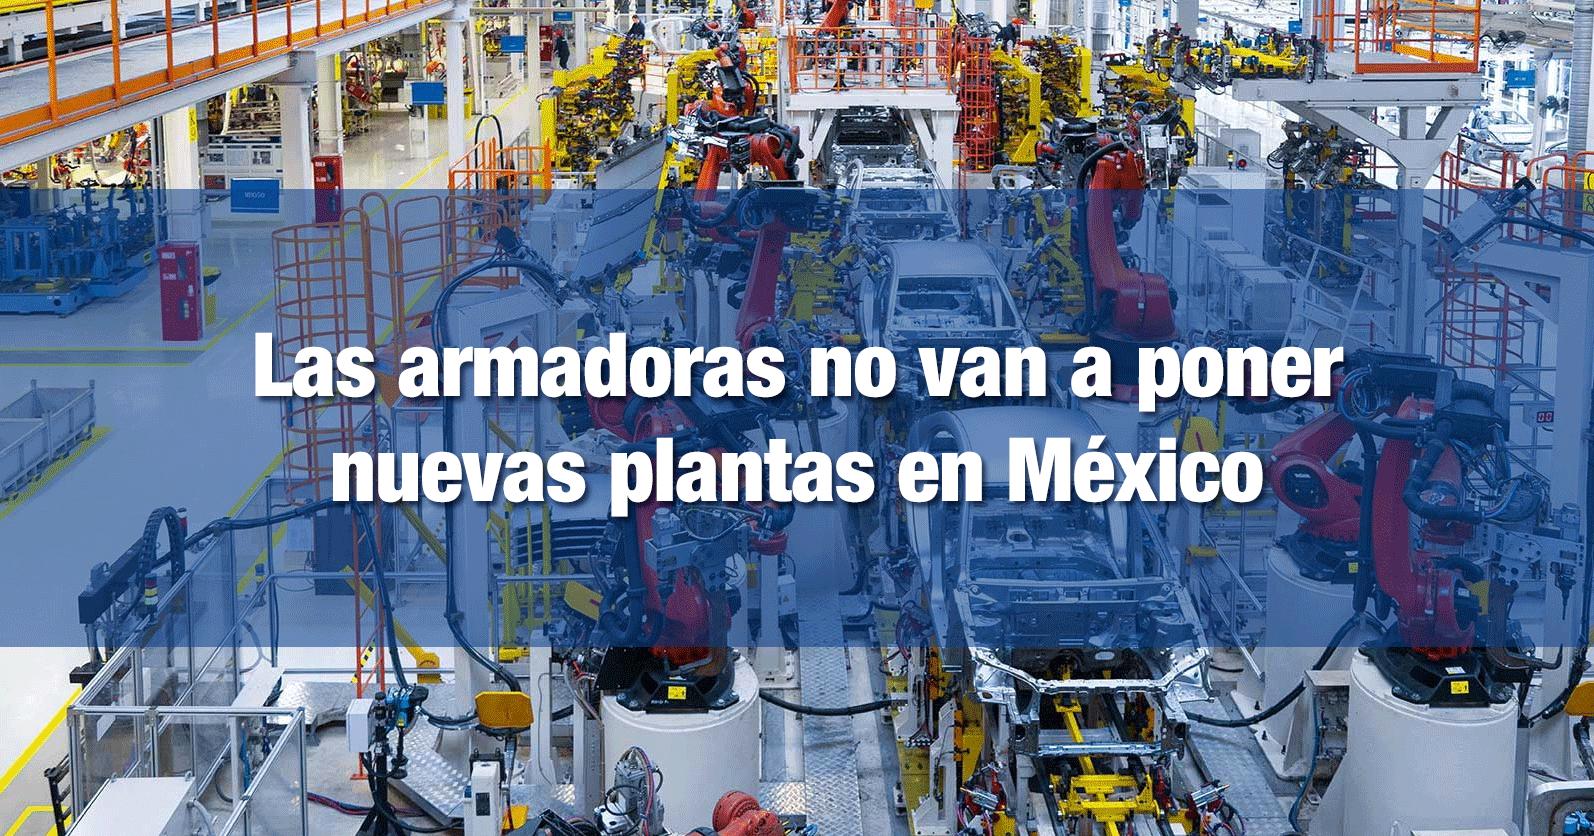 Las armadoras no van a poner nuevas plantas en México